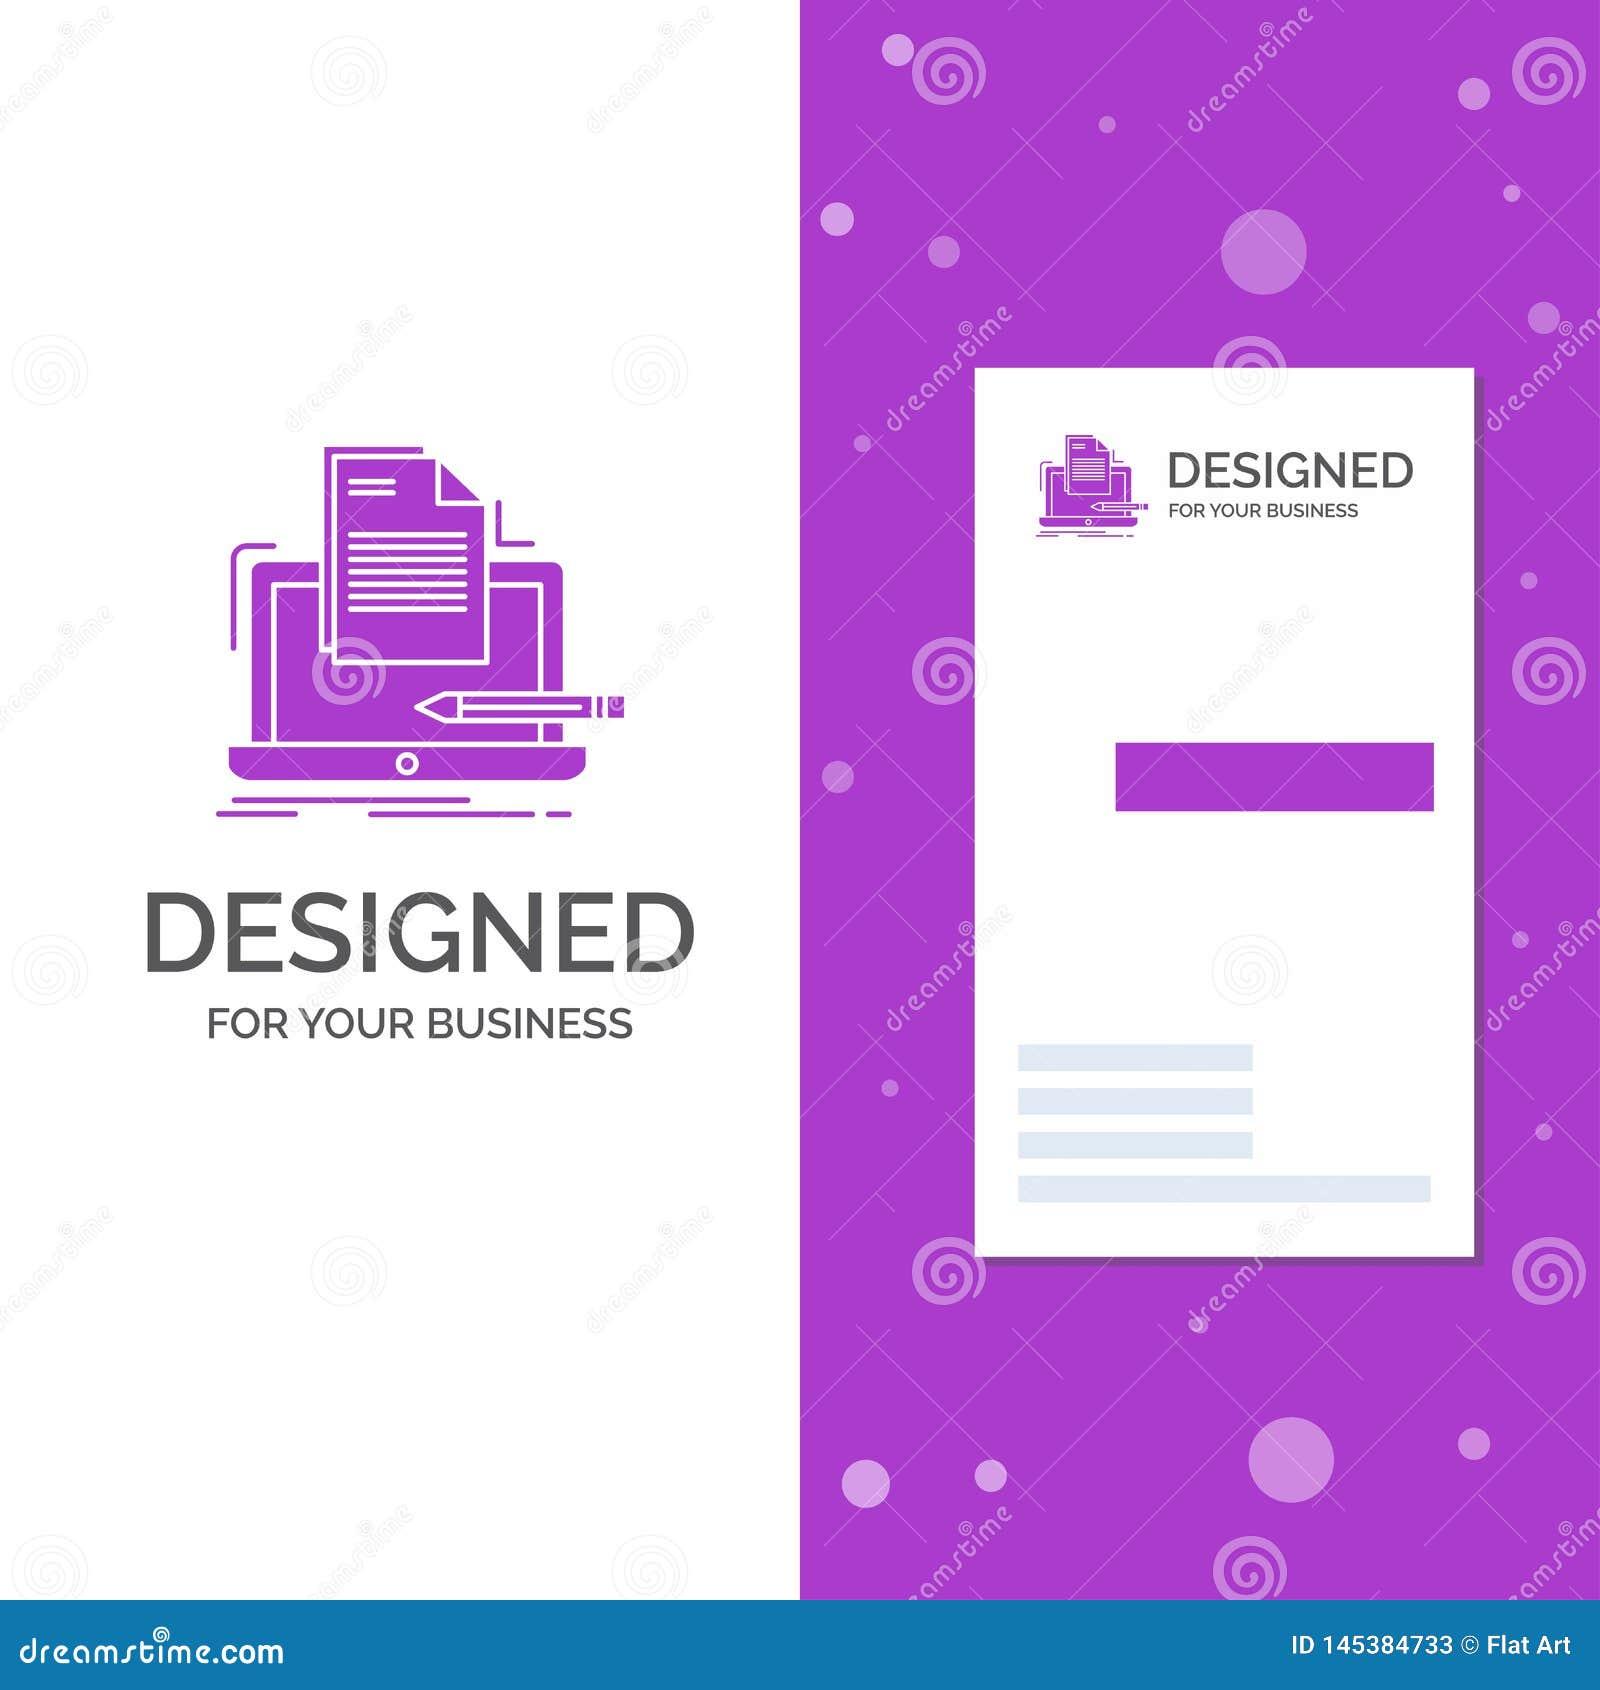 Biznesowy logo dla kodera, cyfrowanie, komputer, lista, papier Pionowo Purpurowy biznes, Odwiedza? Karcianego szablon/ kreatywne